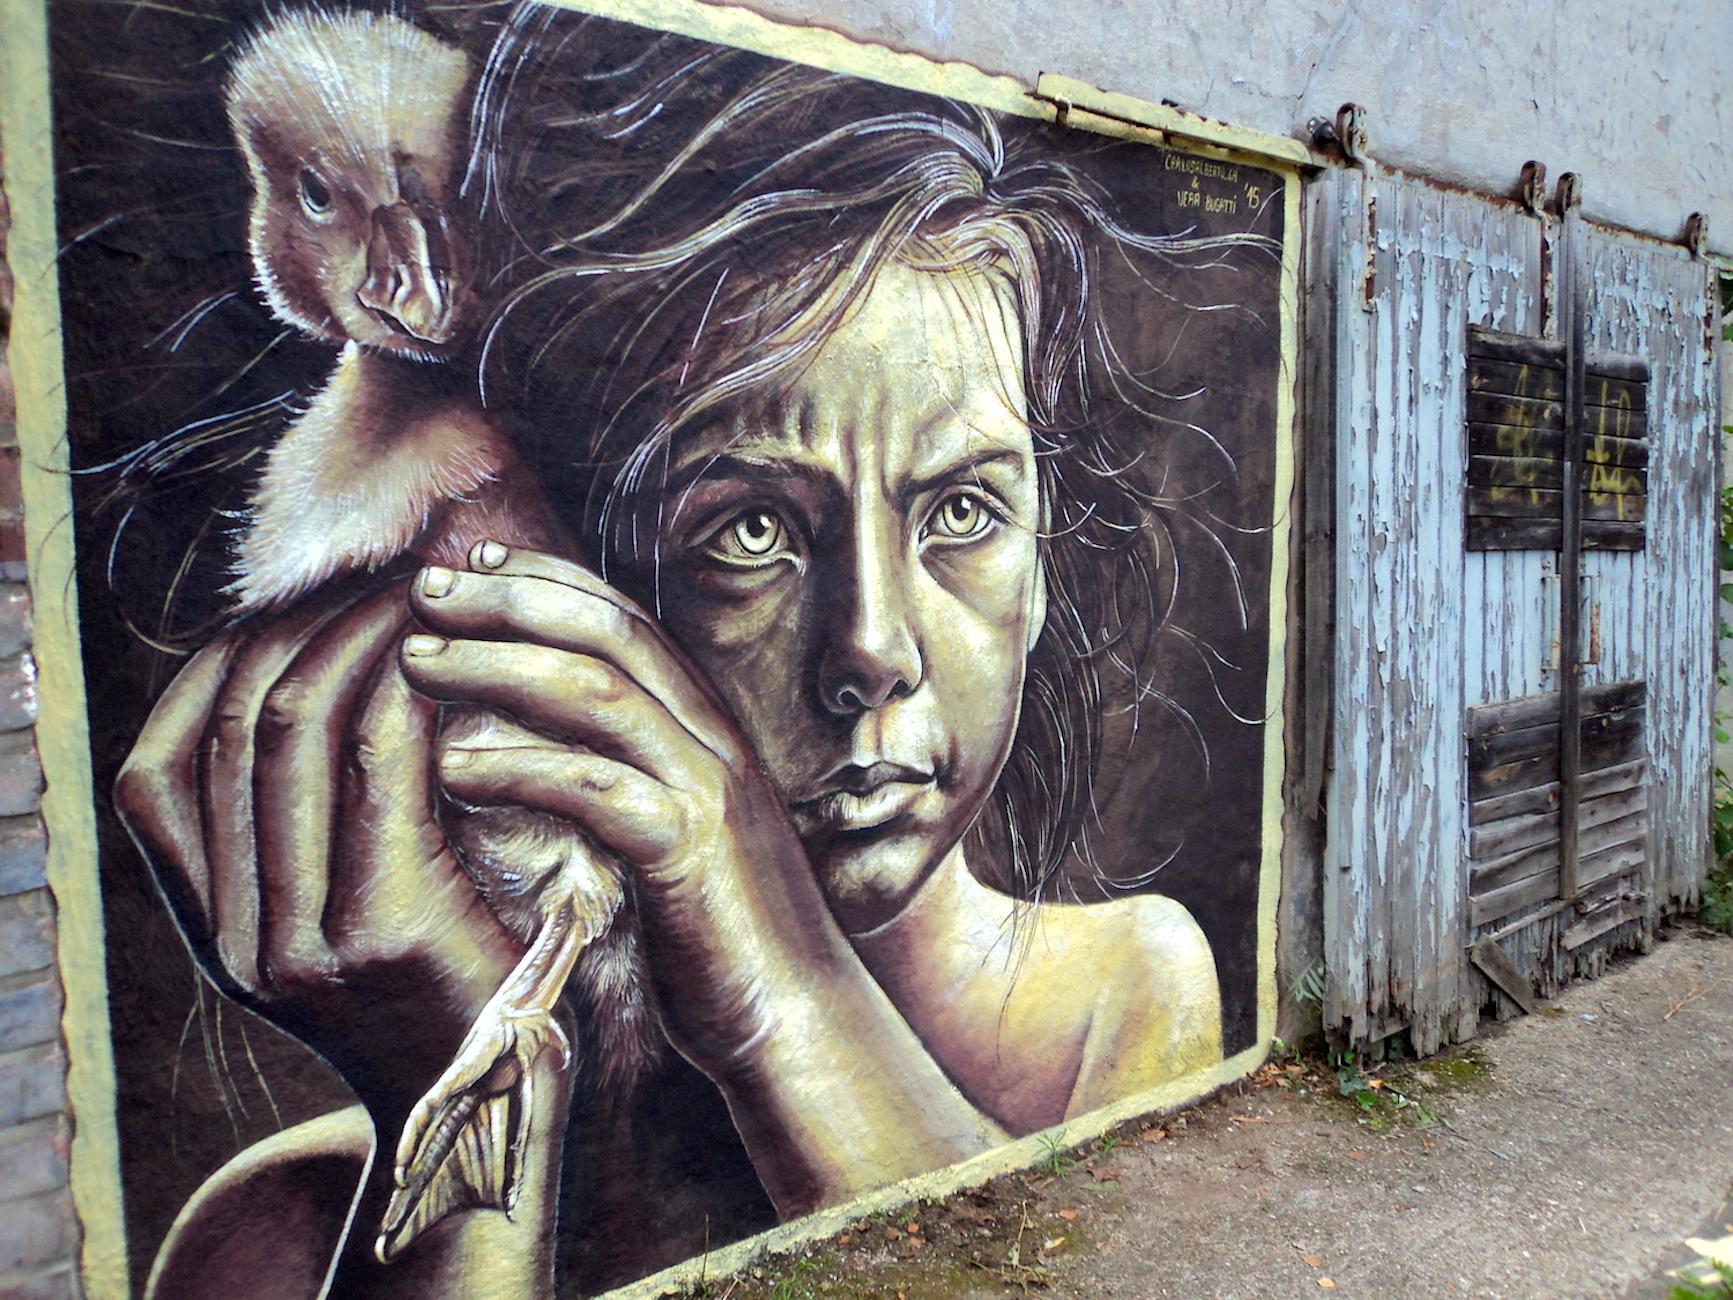 verabugatti streetart murals walls arteurbana illusioniottiche 3Dstreetart ducks saveanimals protection krefeldartgallery